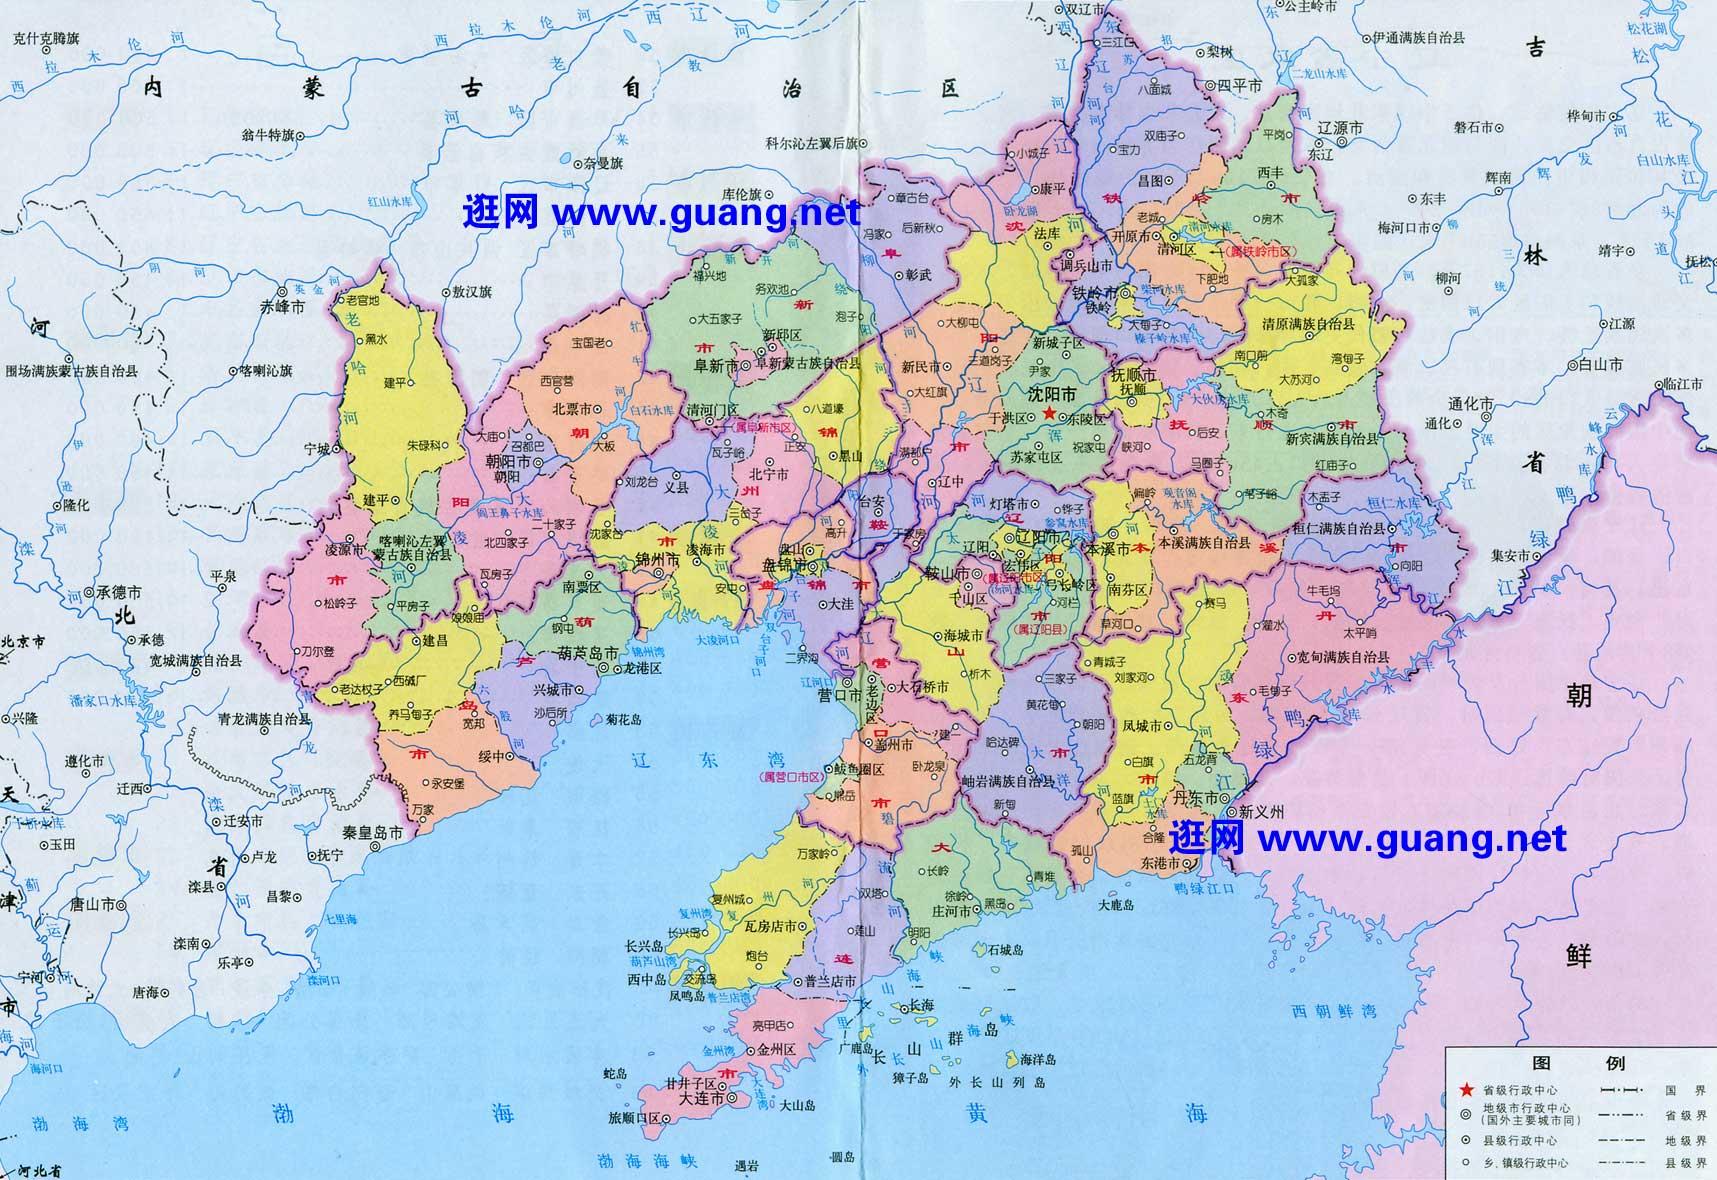 2015年版辽宁地图-辽宁地形图